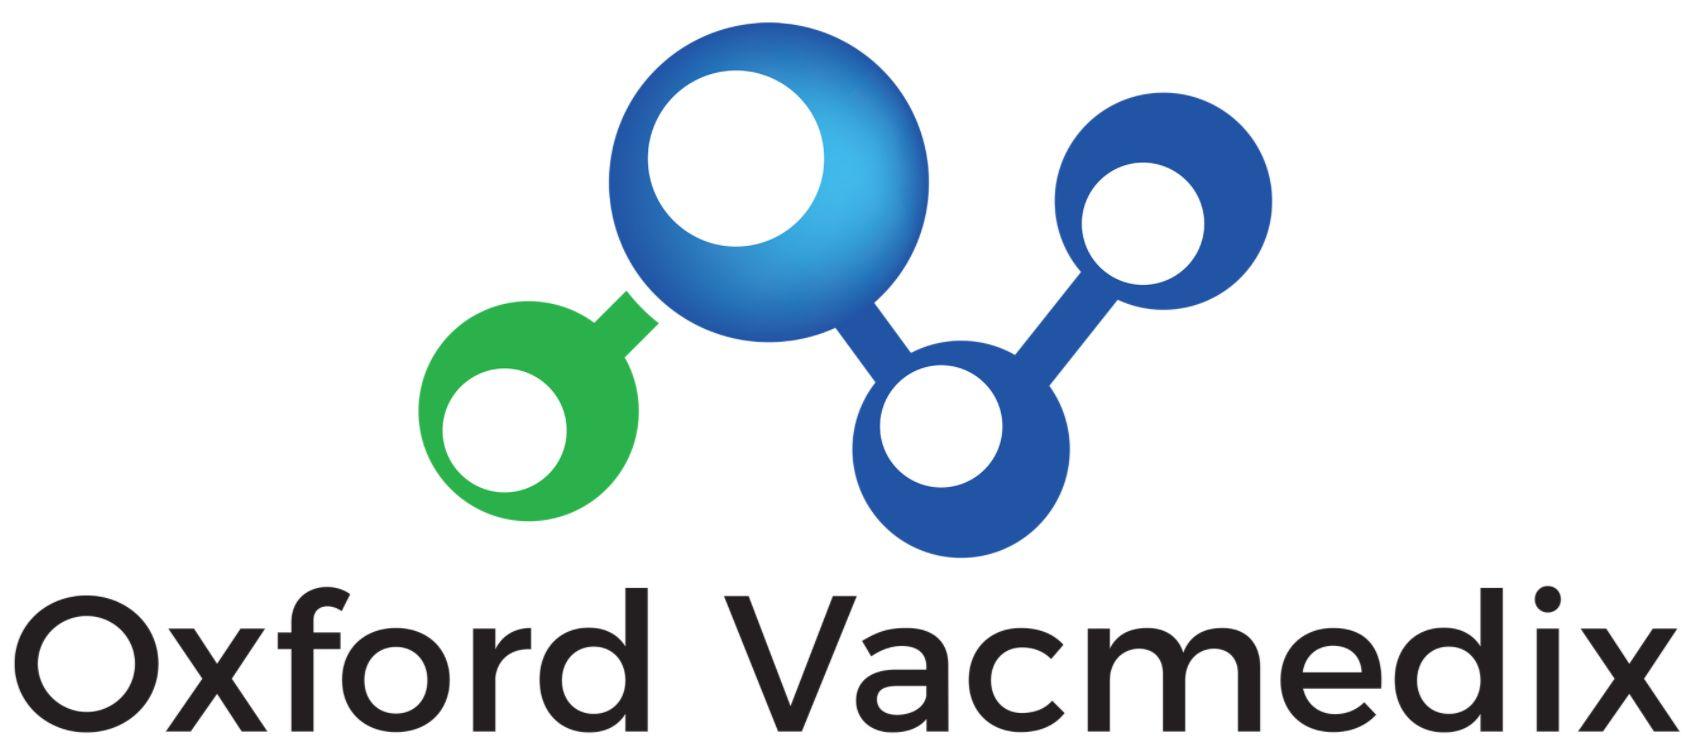 Oxford Vacmedix logo